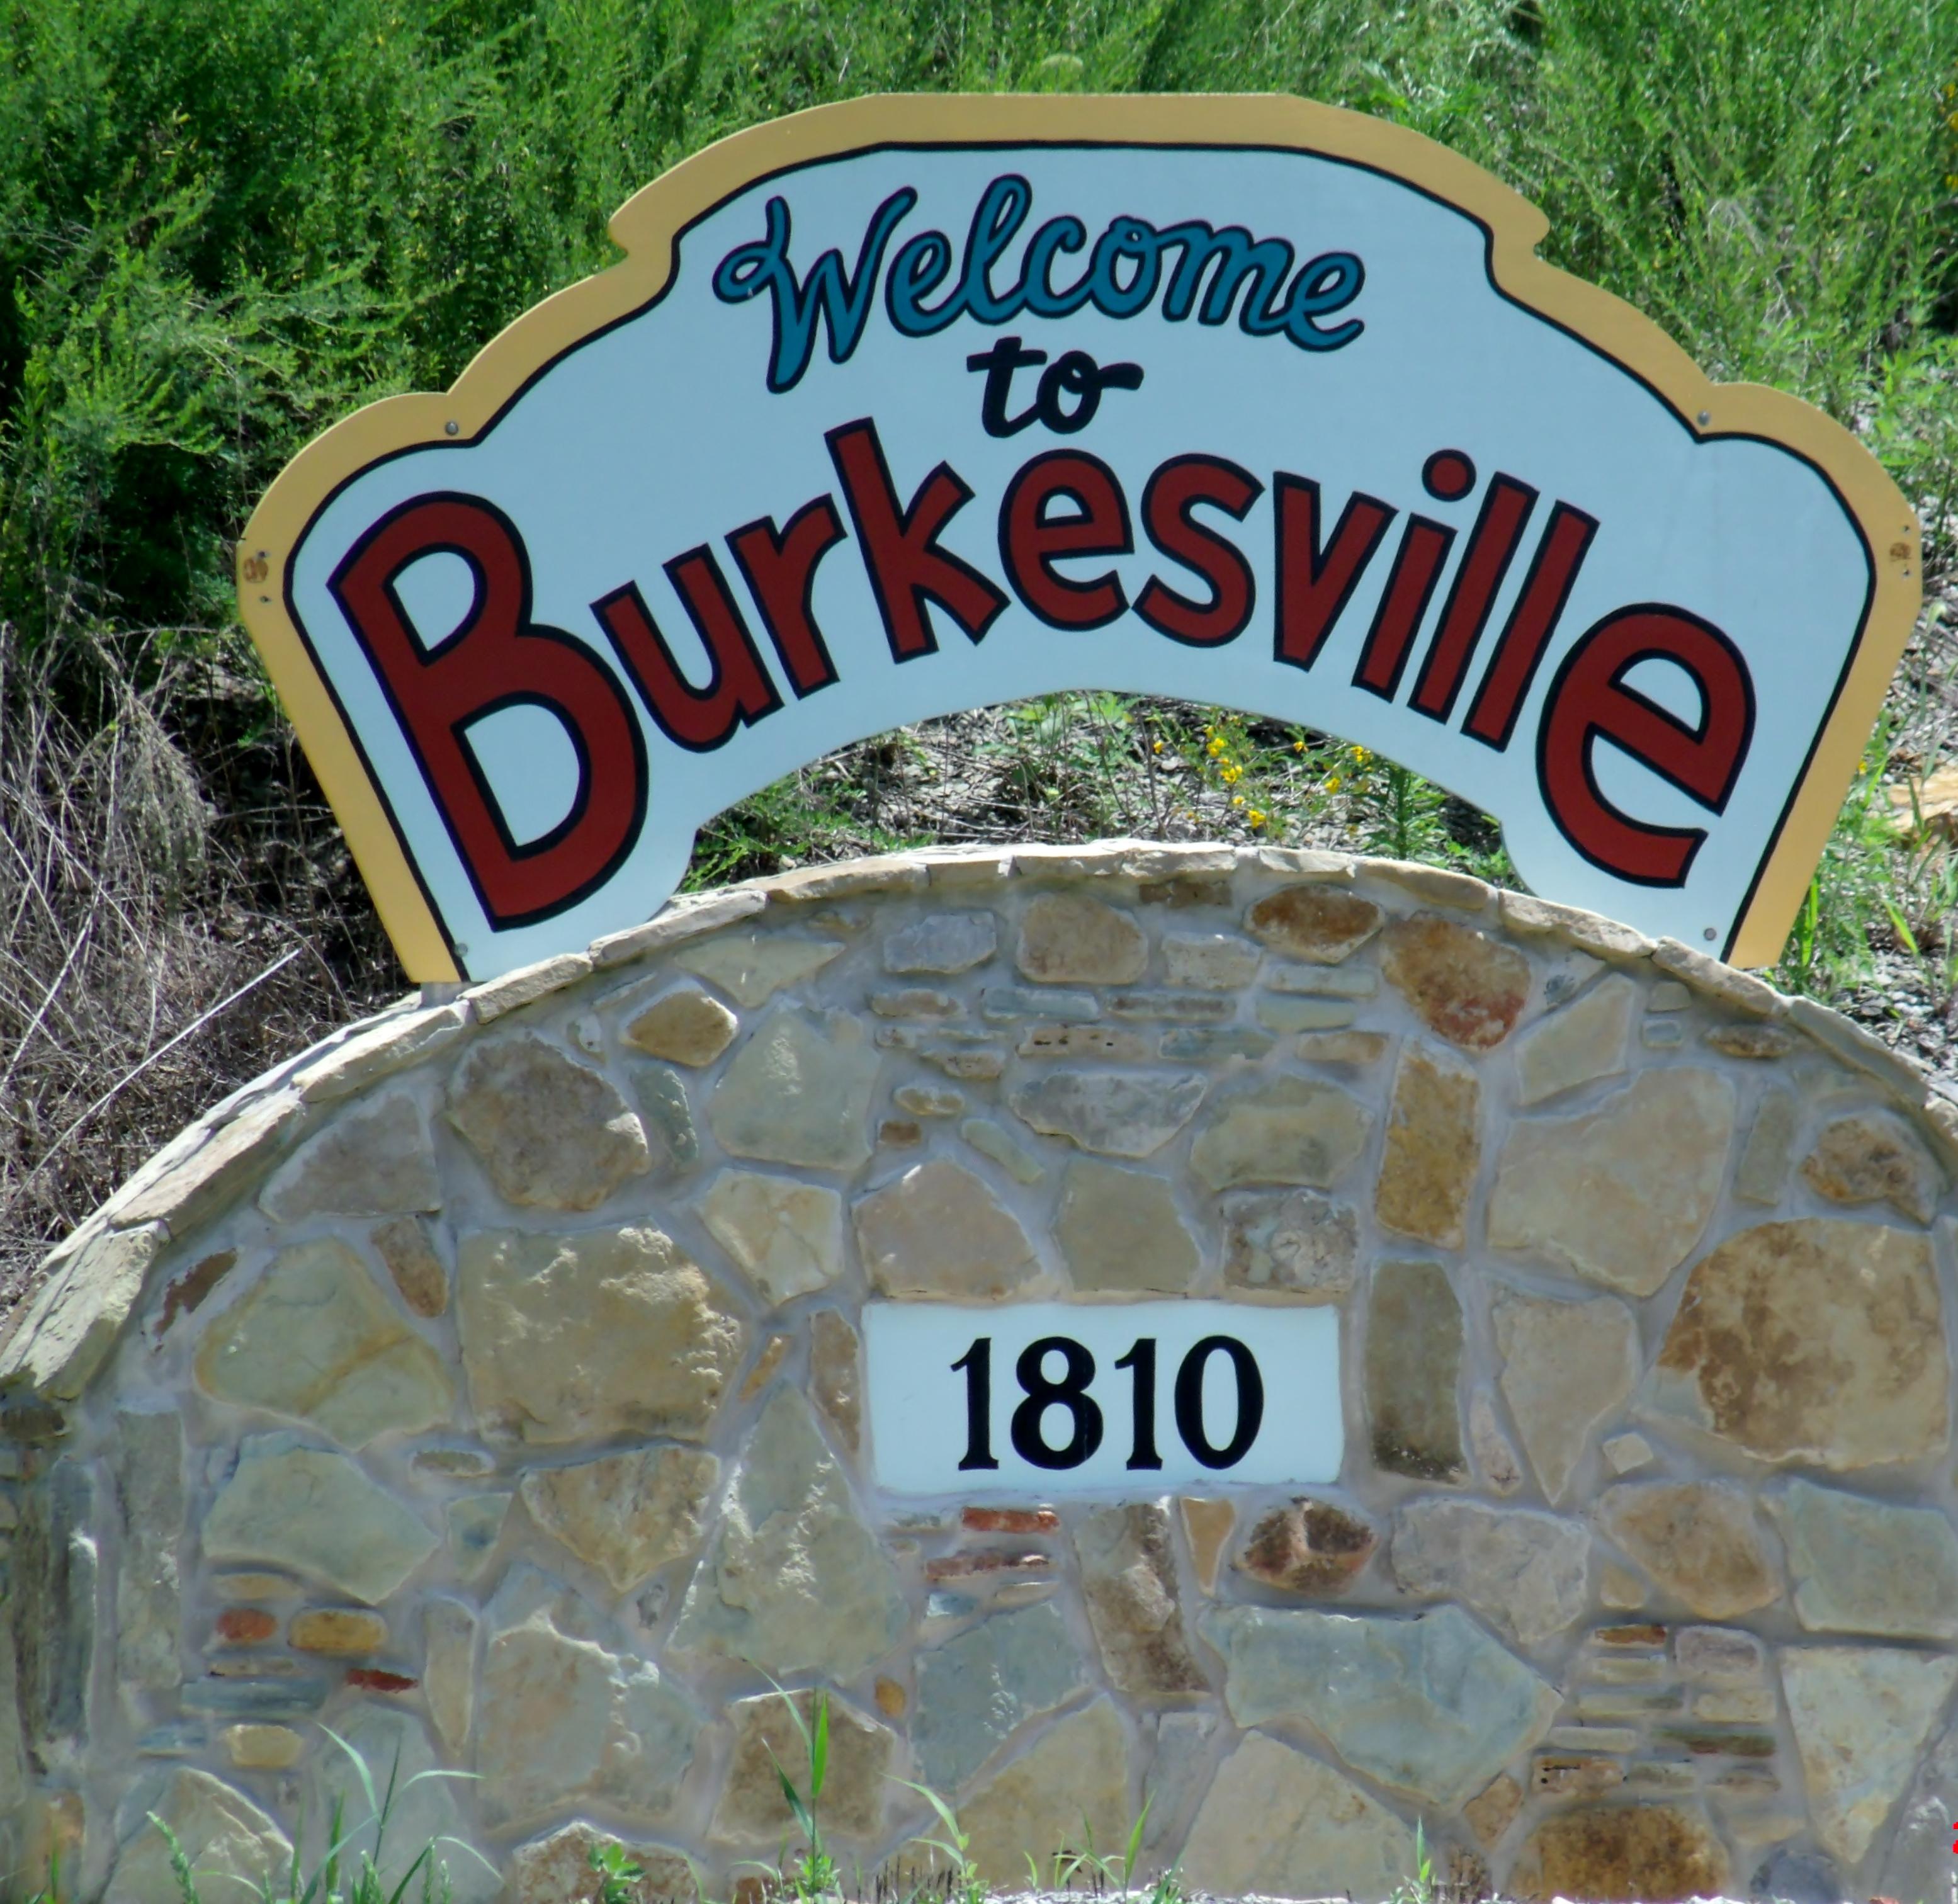 Burkesville sign